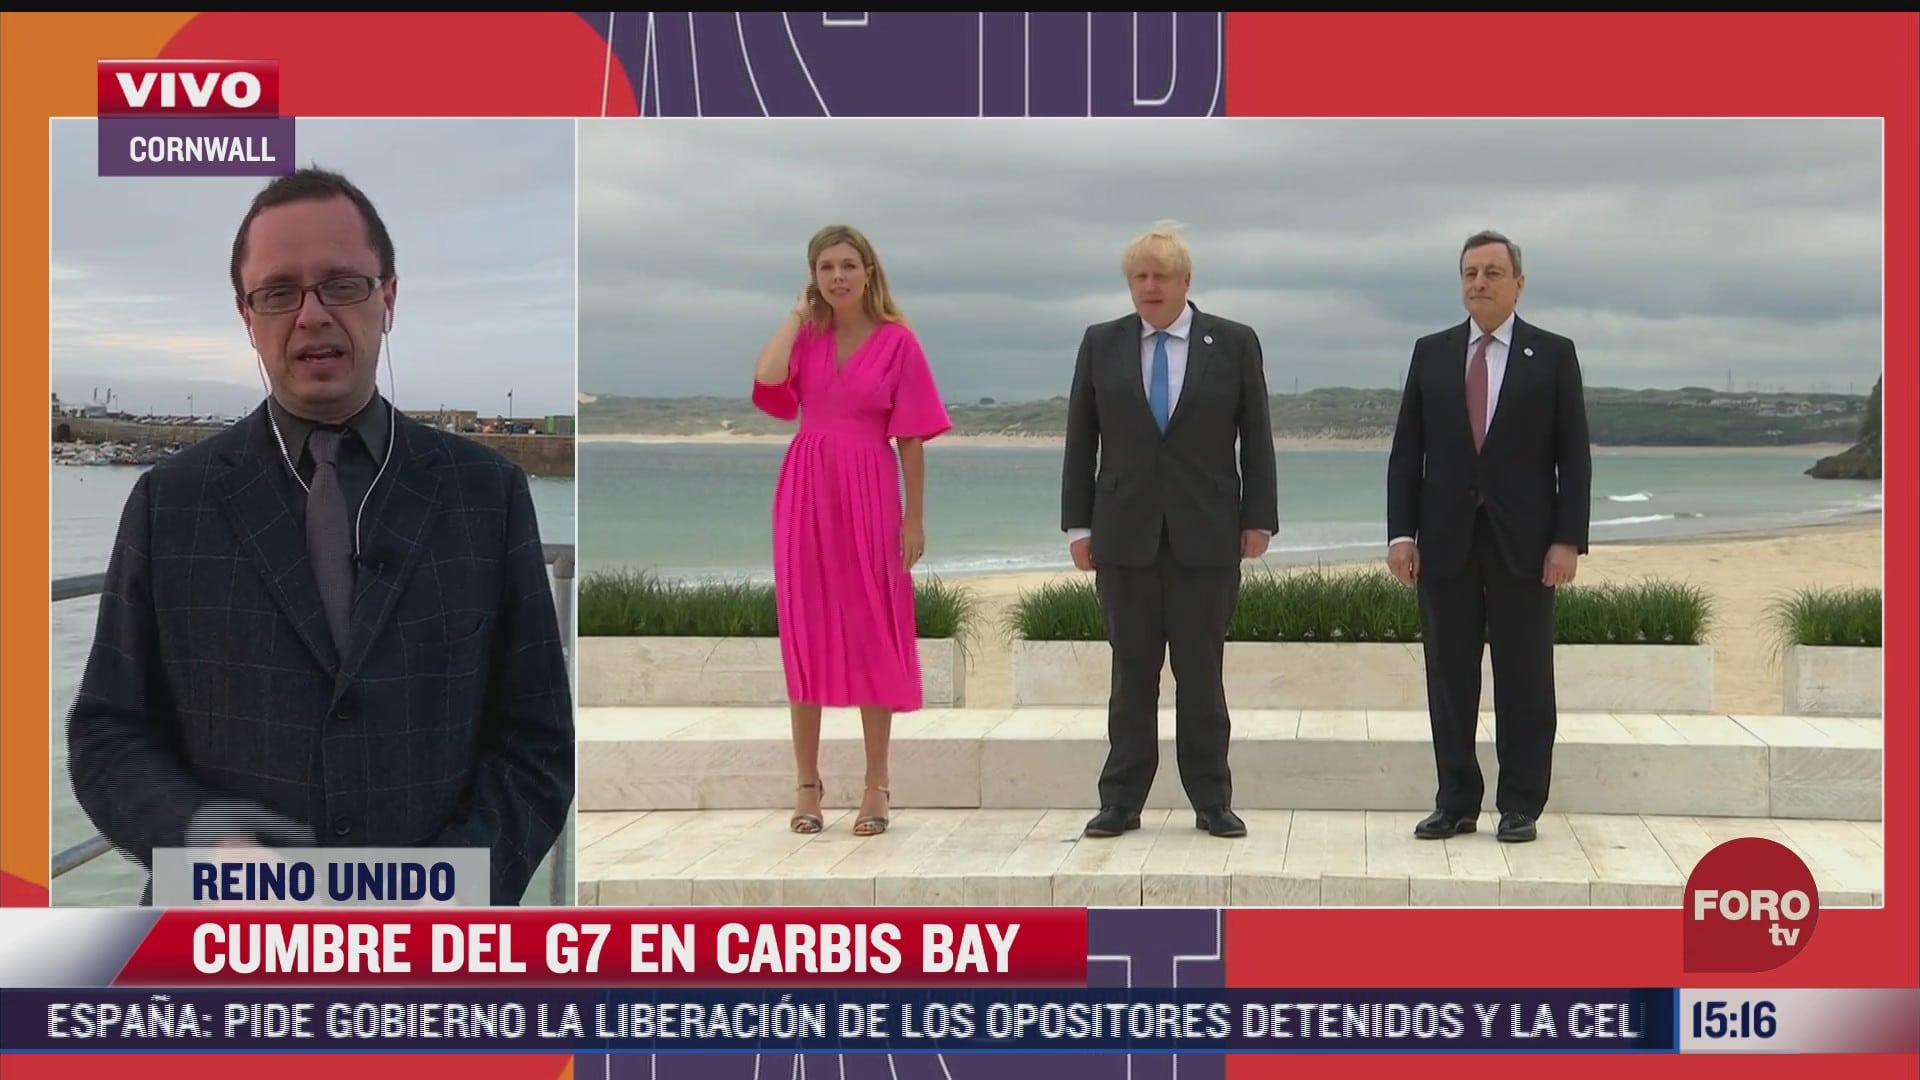 cumbre del g7 terminara en promesas que no se cumpliran